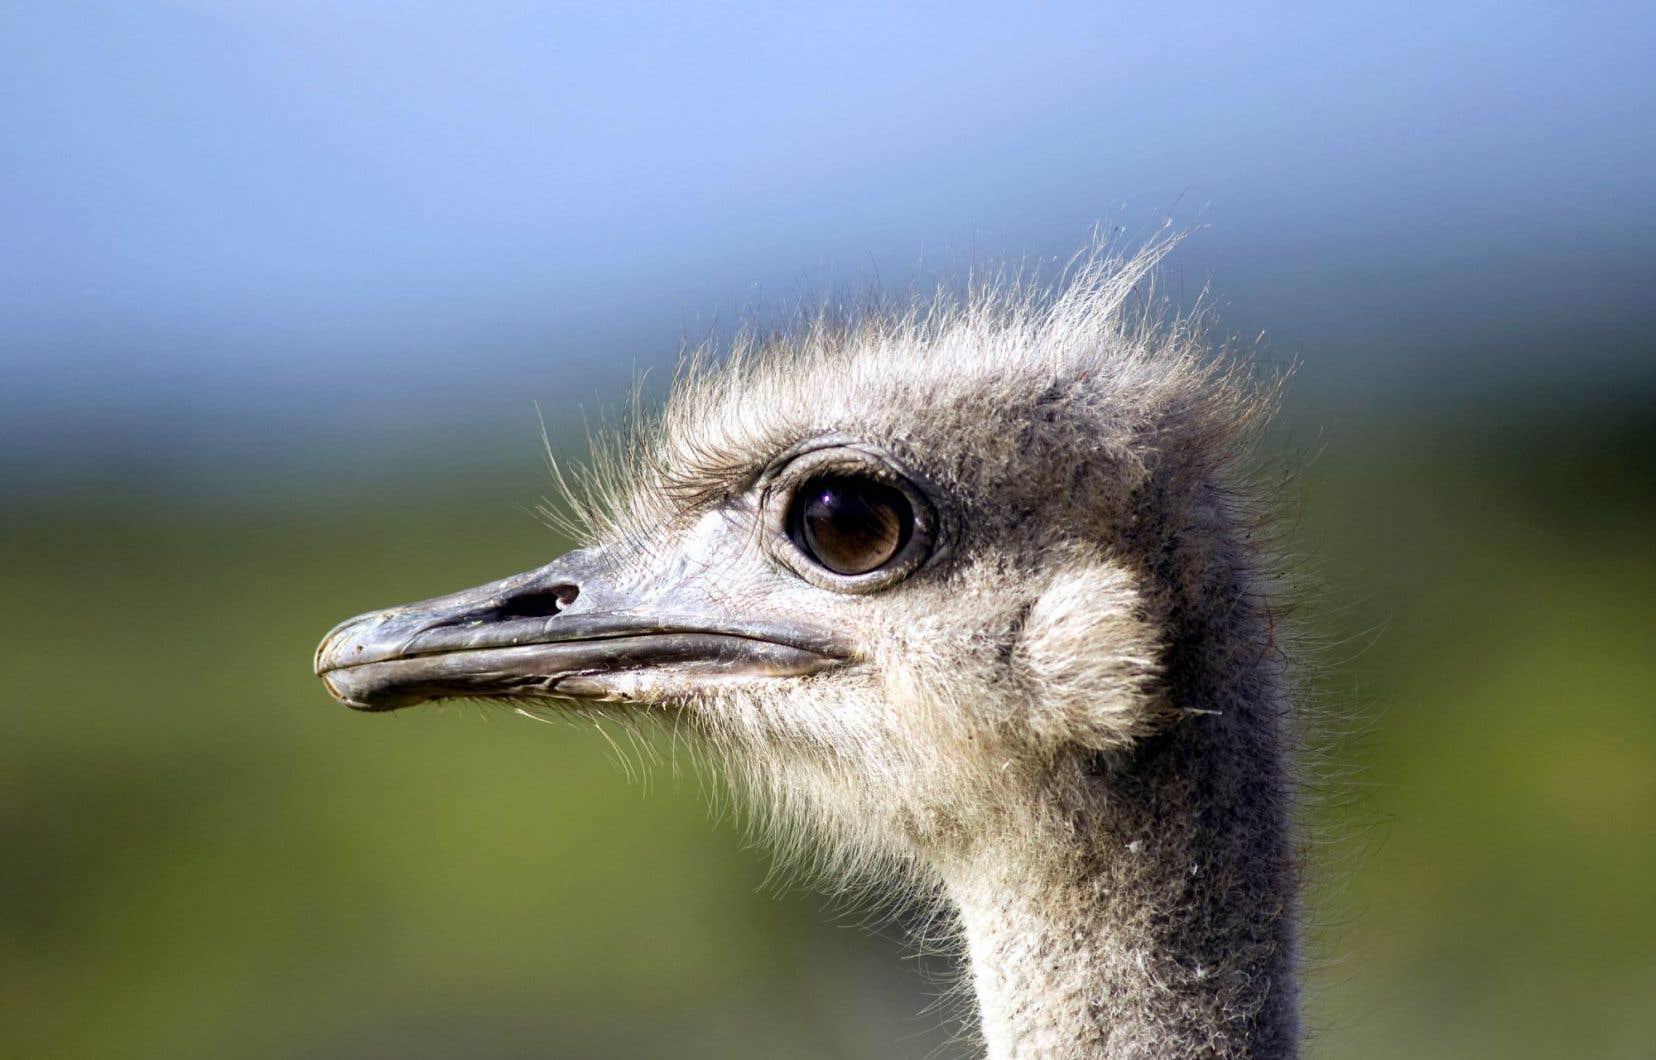 L'oiseau, mésestimé depuis l'Antiquité, est devenu ainsi l'emblème du penchant humain pour le déni, assimilé à une forme de stupidité.